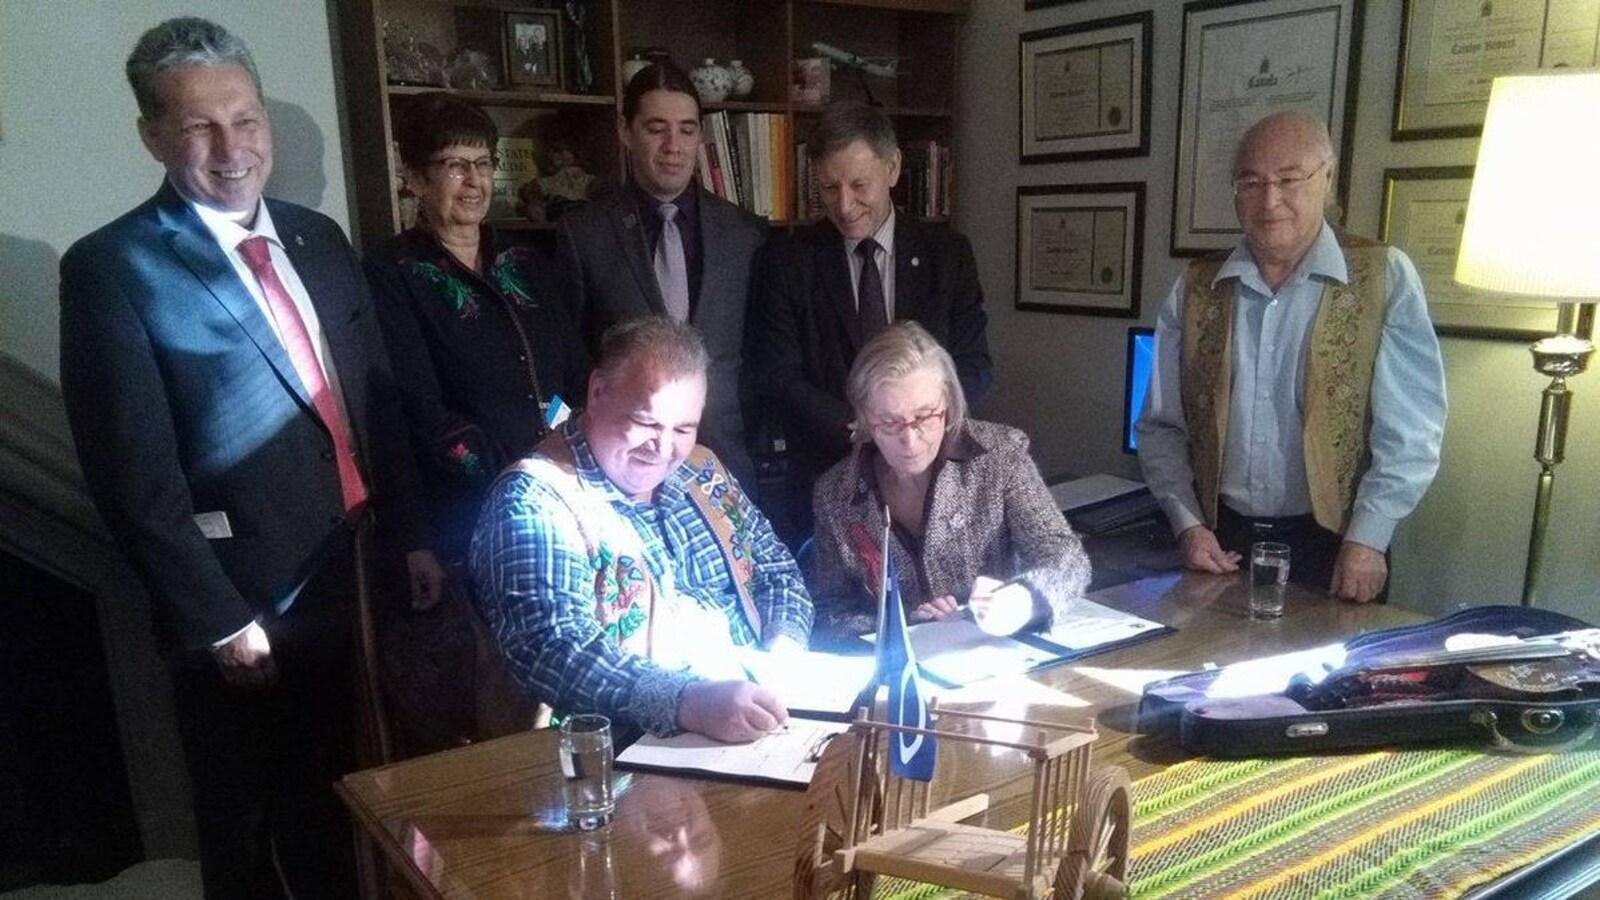 Le président de la Fédération des Métis du Manitoba, David Chartrand, et la ministre  des Affaires autochtones et du Nord, Carolyn Bennett, signent un accord à Ottawa.